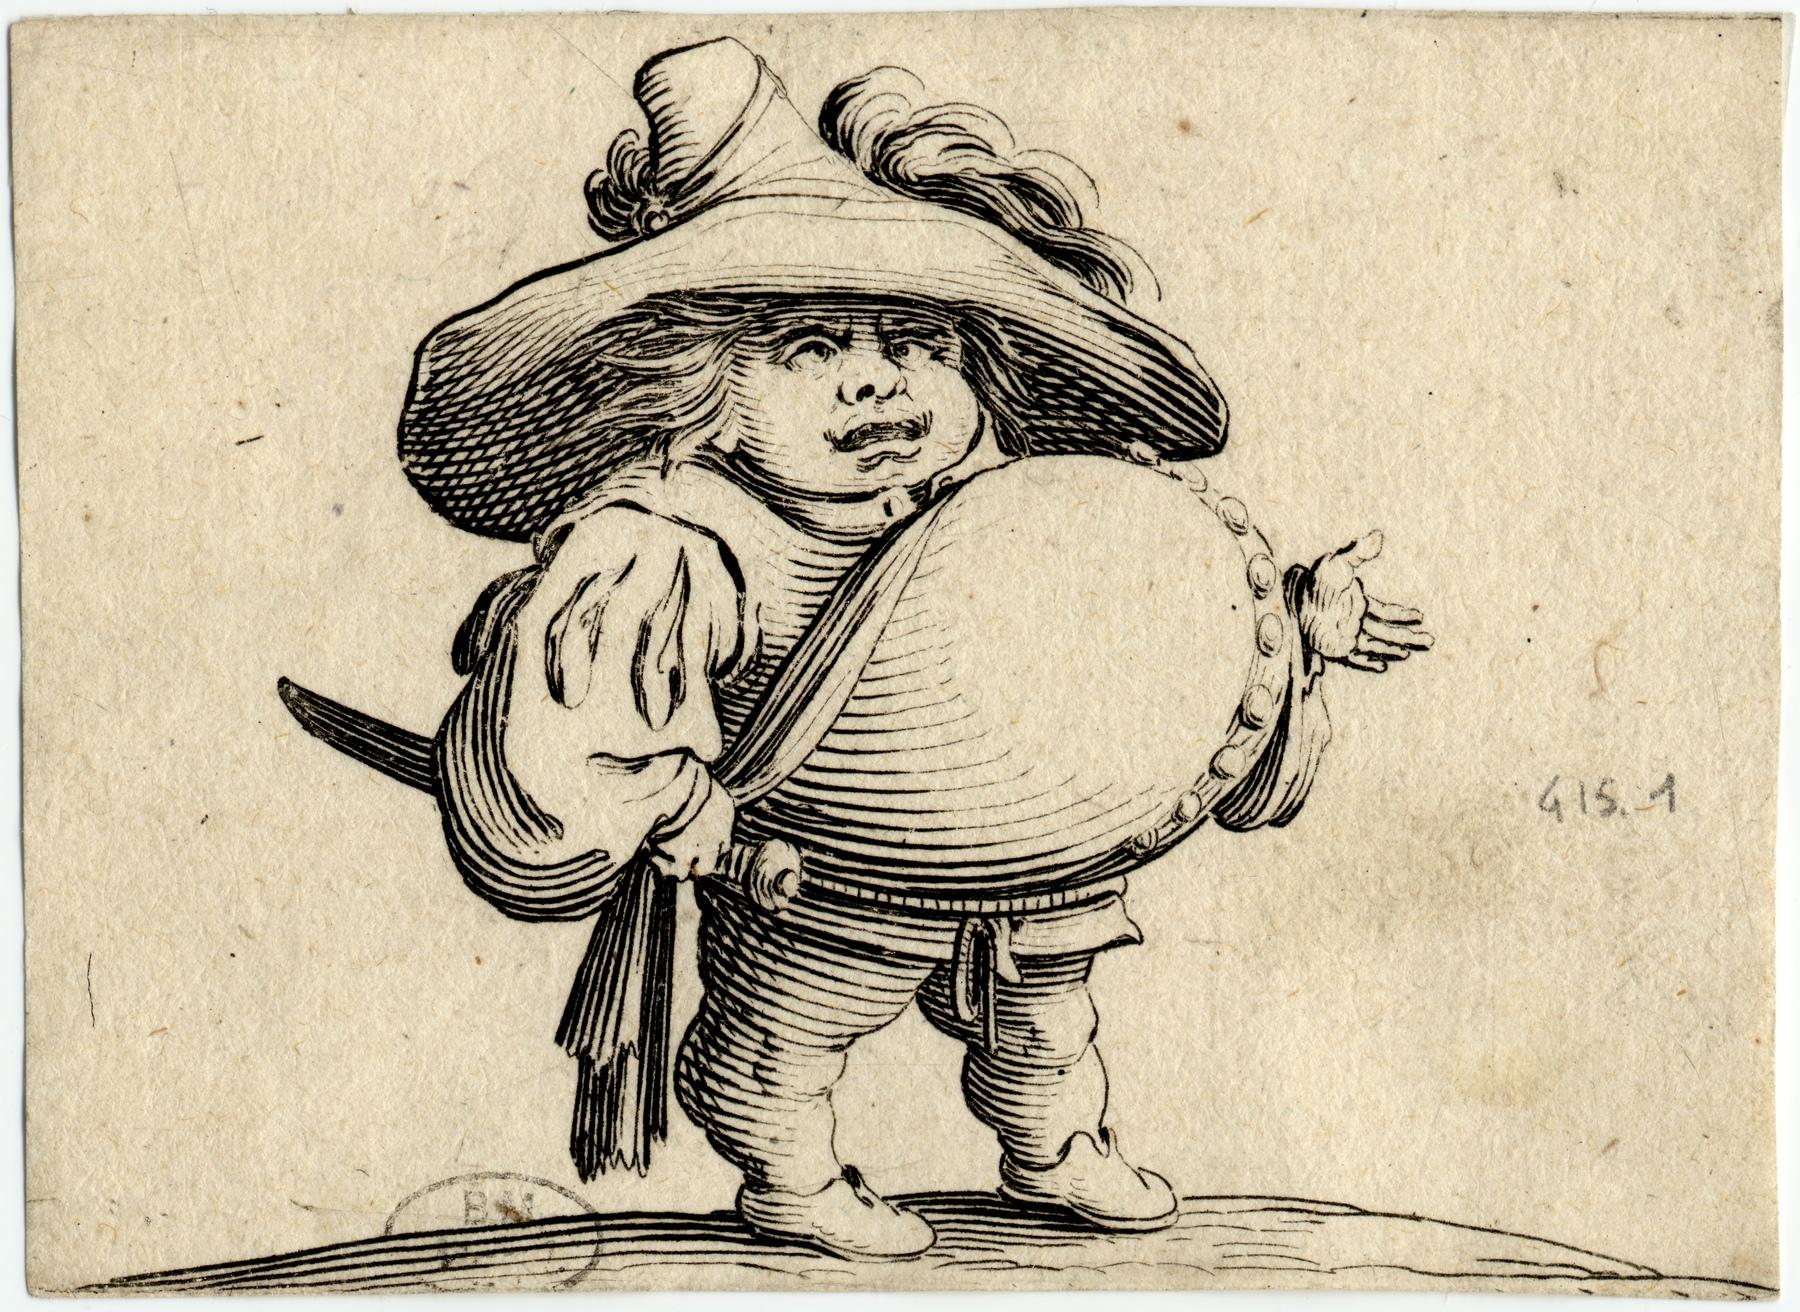 Contenu du Les Gobbi: L'homme au gros ventre orné d'une rangée de boutons